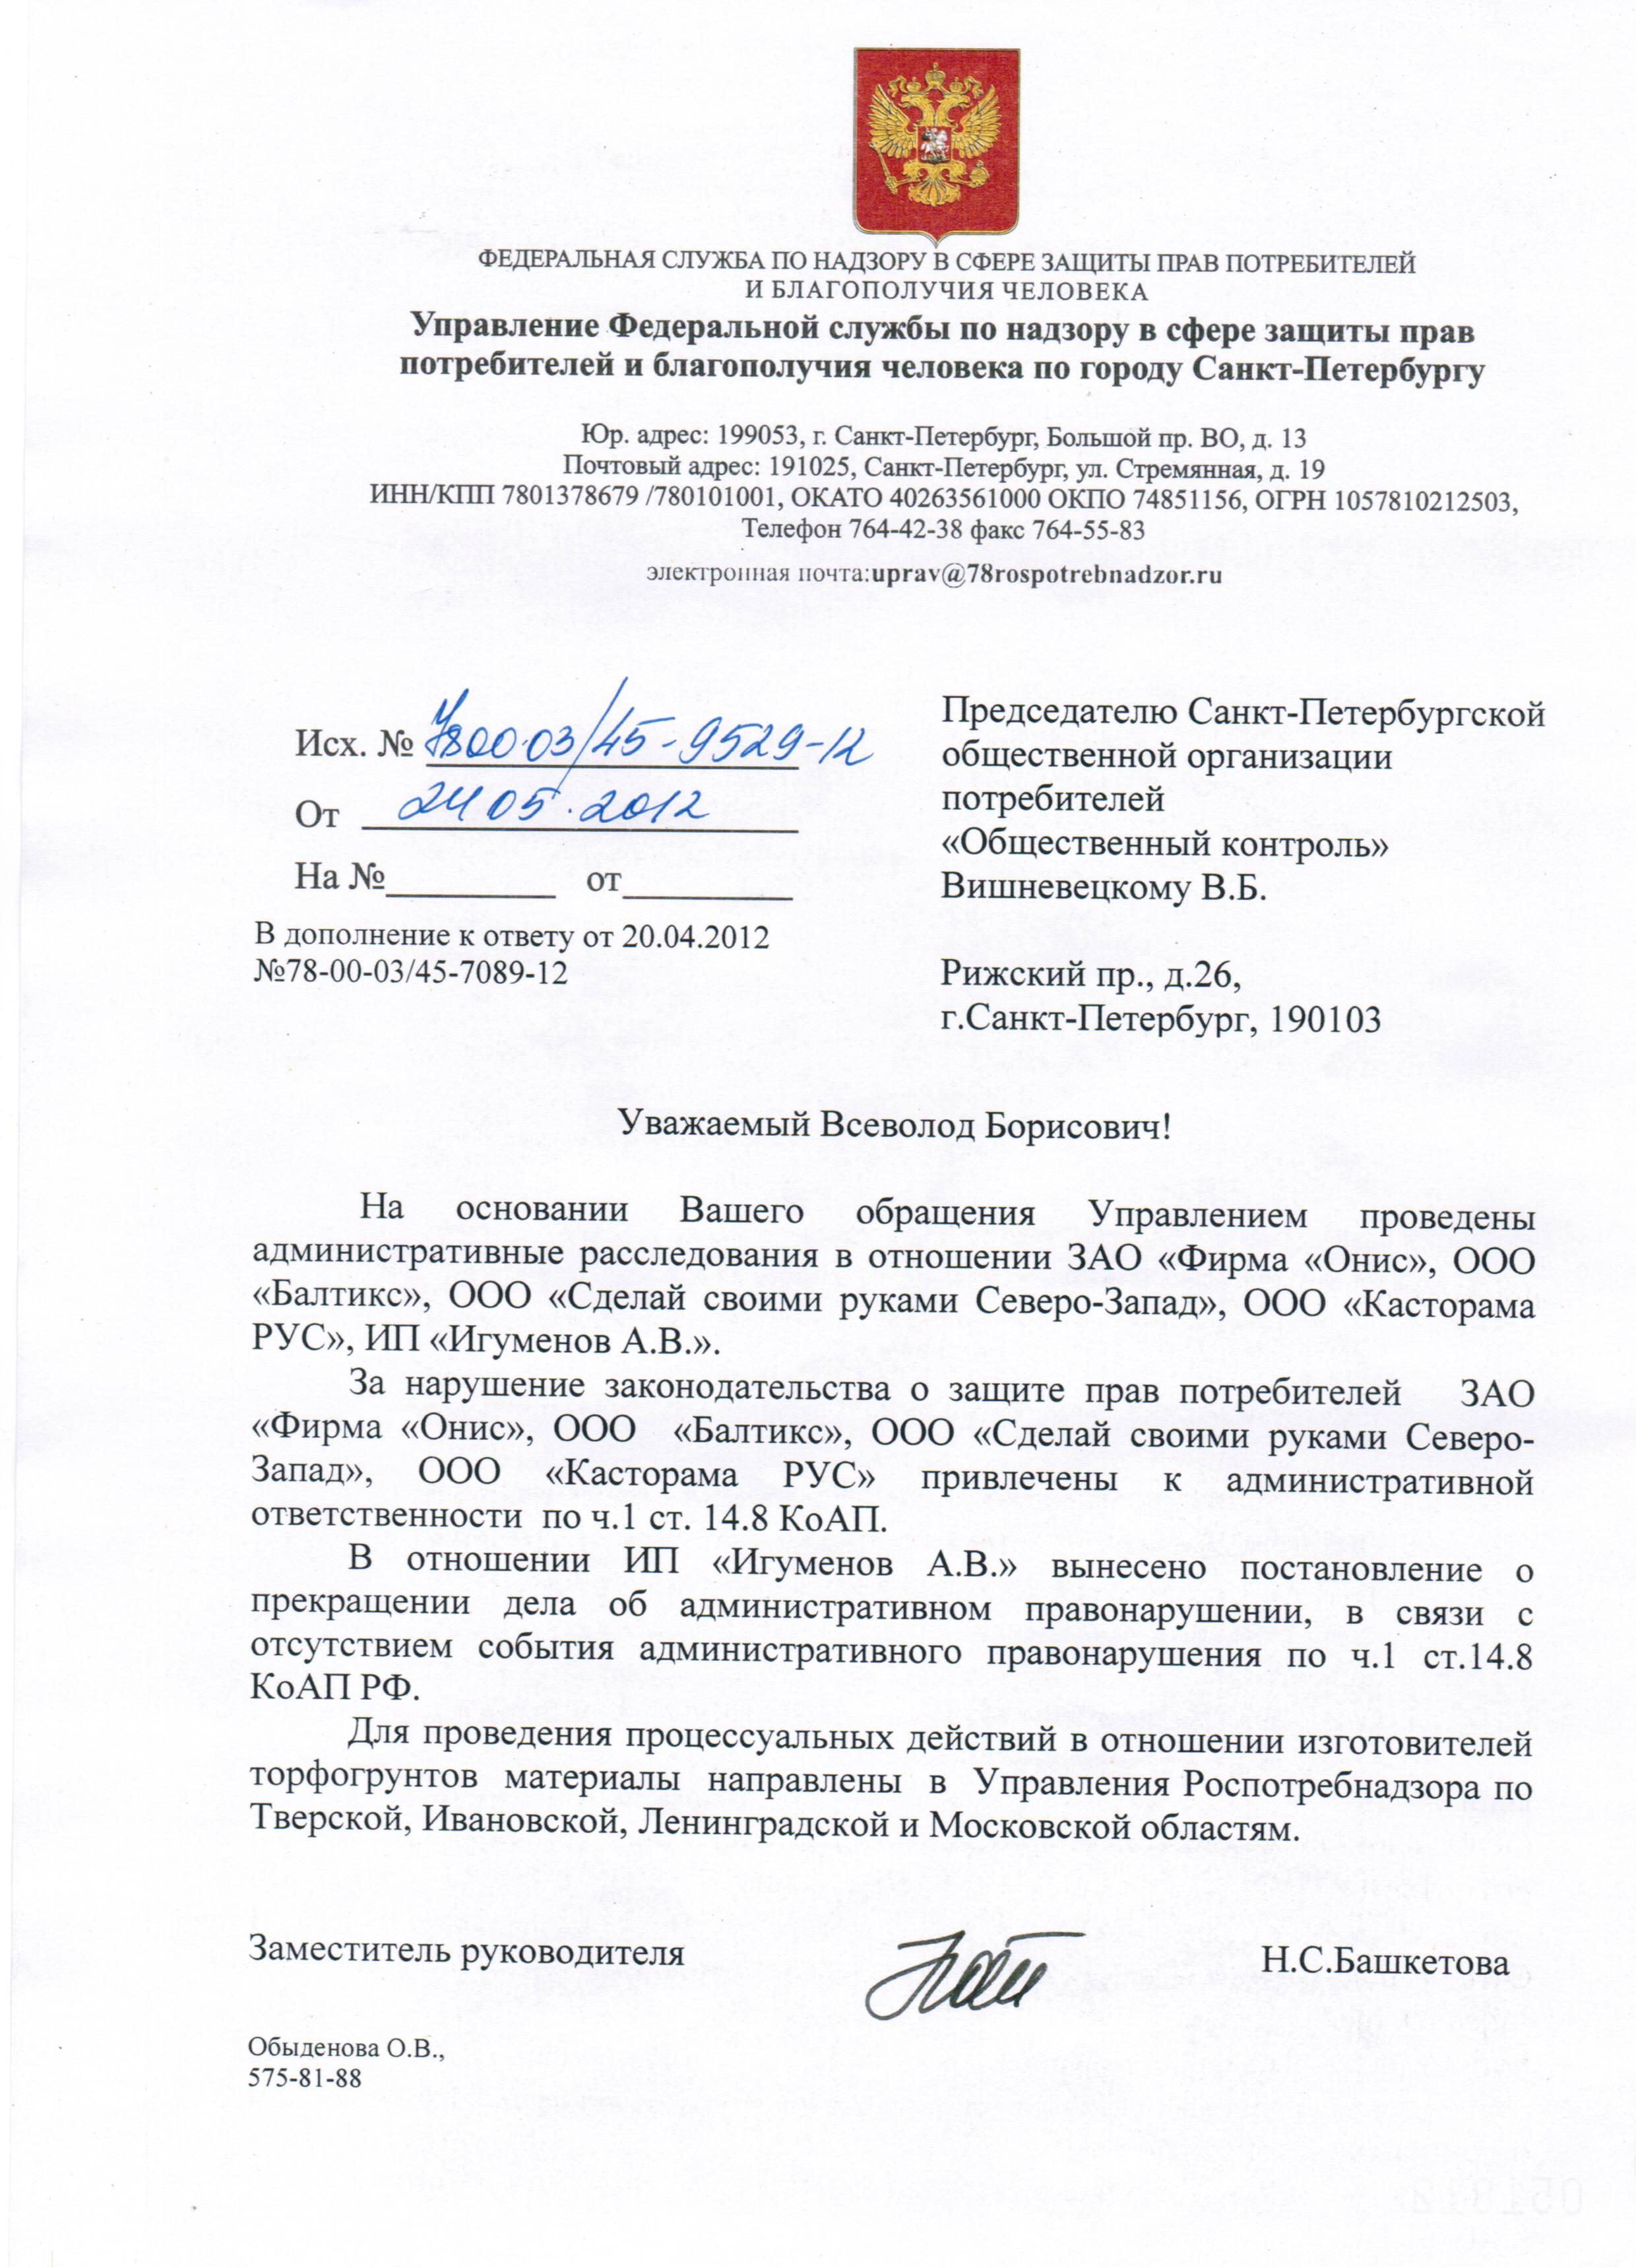 О проведении административного расследования по факту производства и реализации торфогрунтов